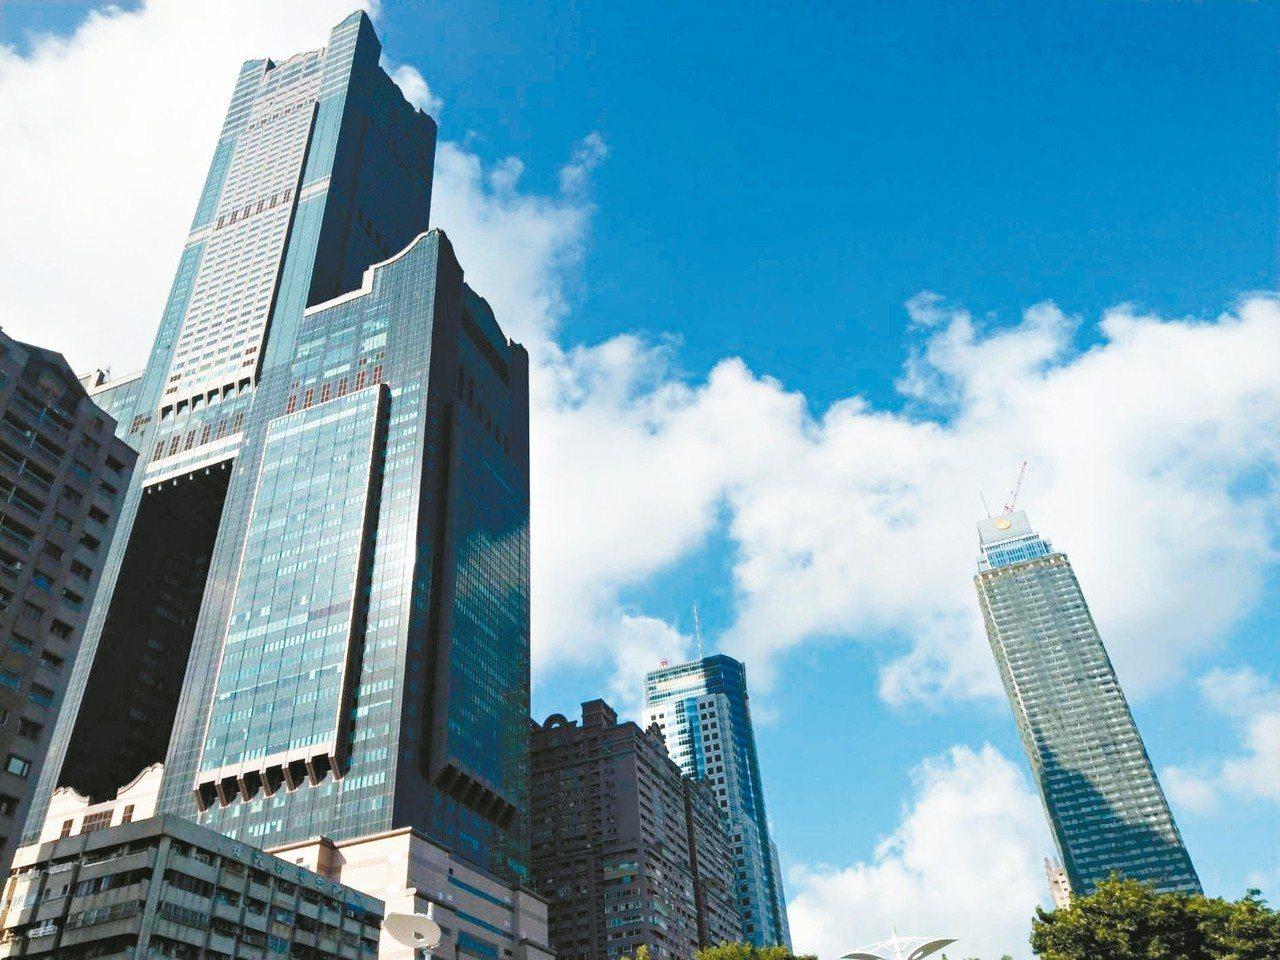 高雄市新光路上有兩幢超過50層樓高的建築,左側是85大樓,右側是興建中的遠雄建設...